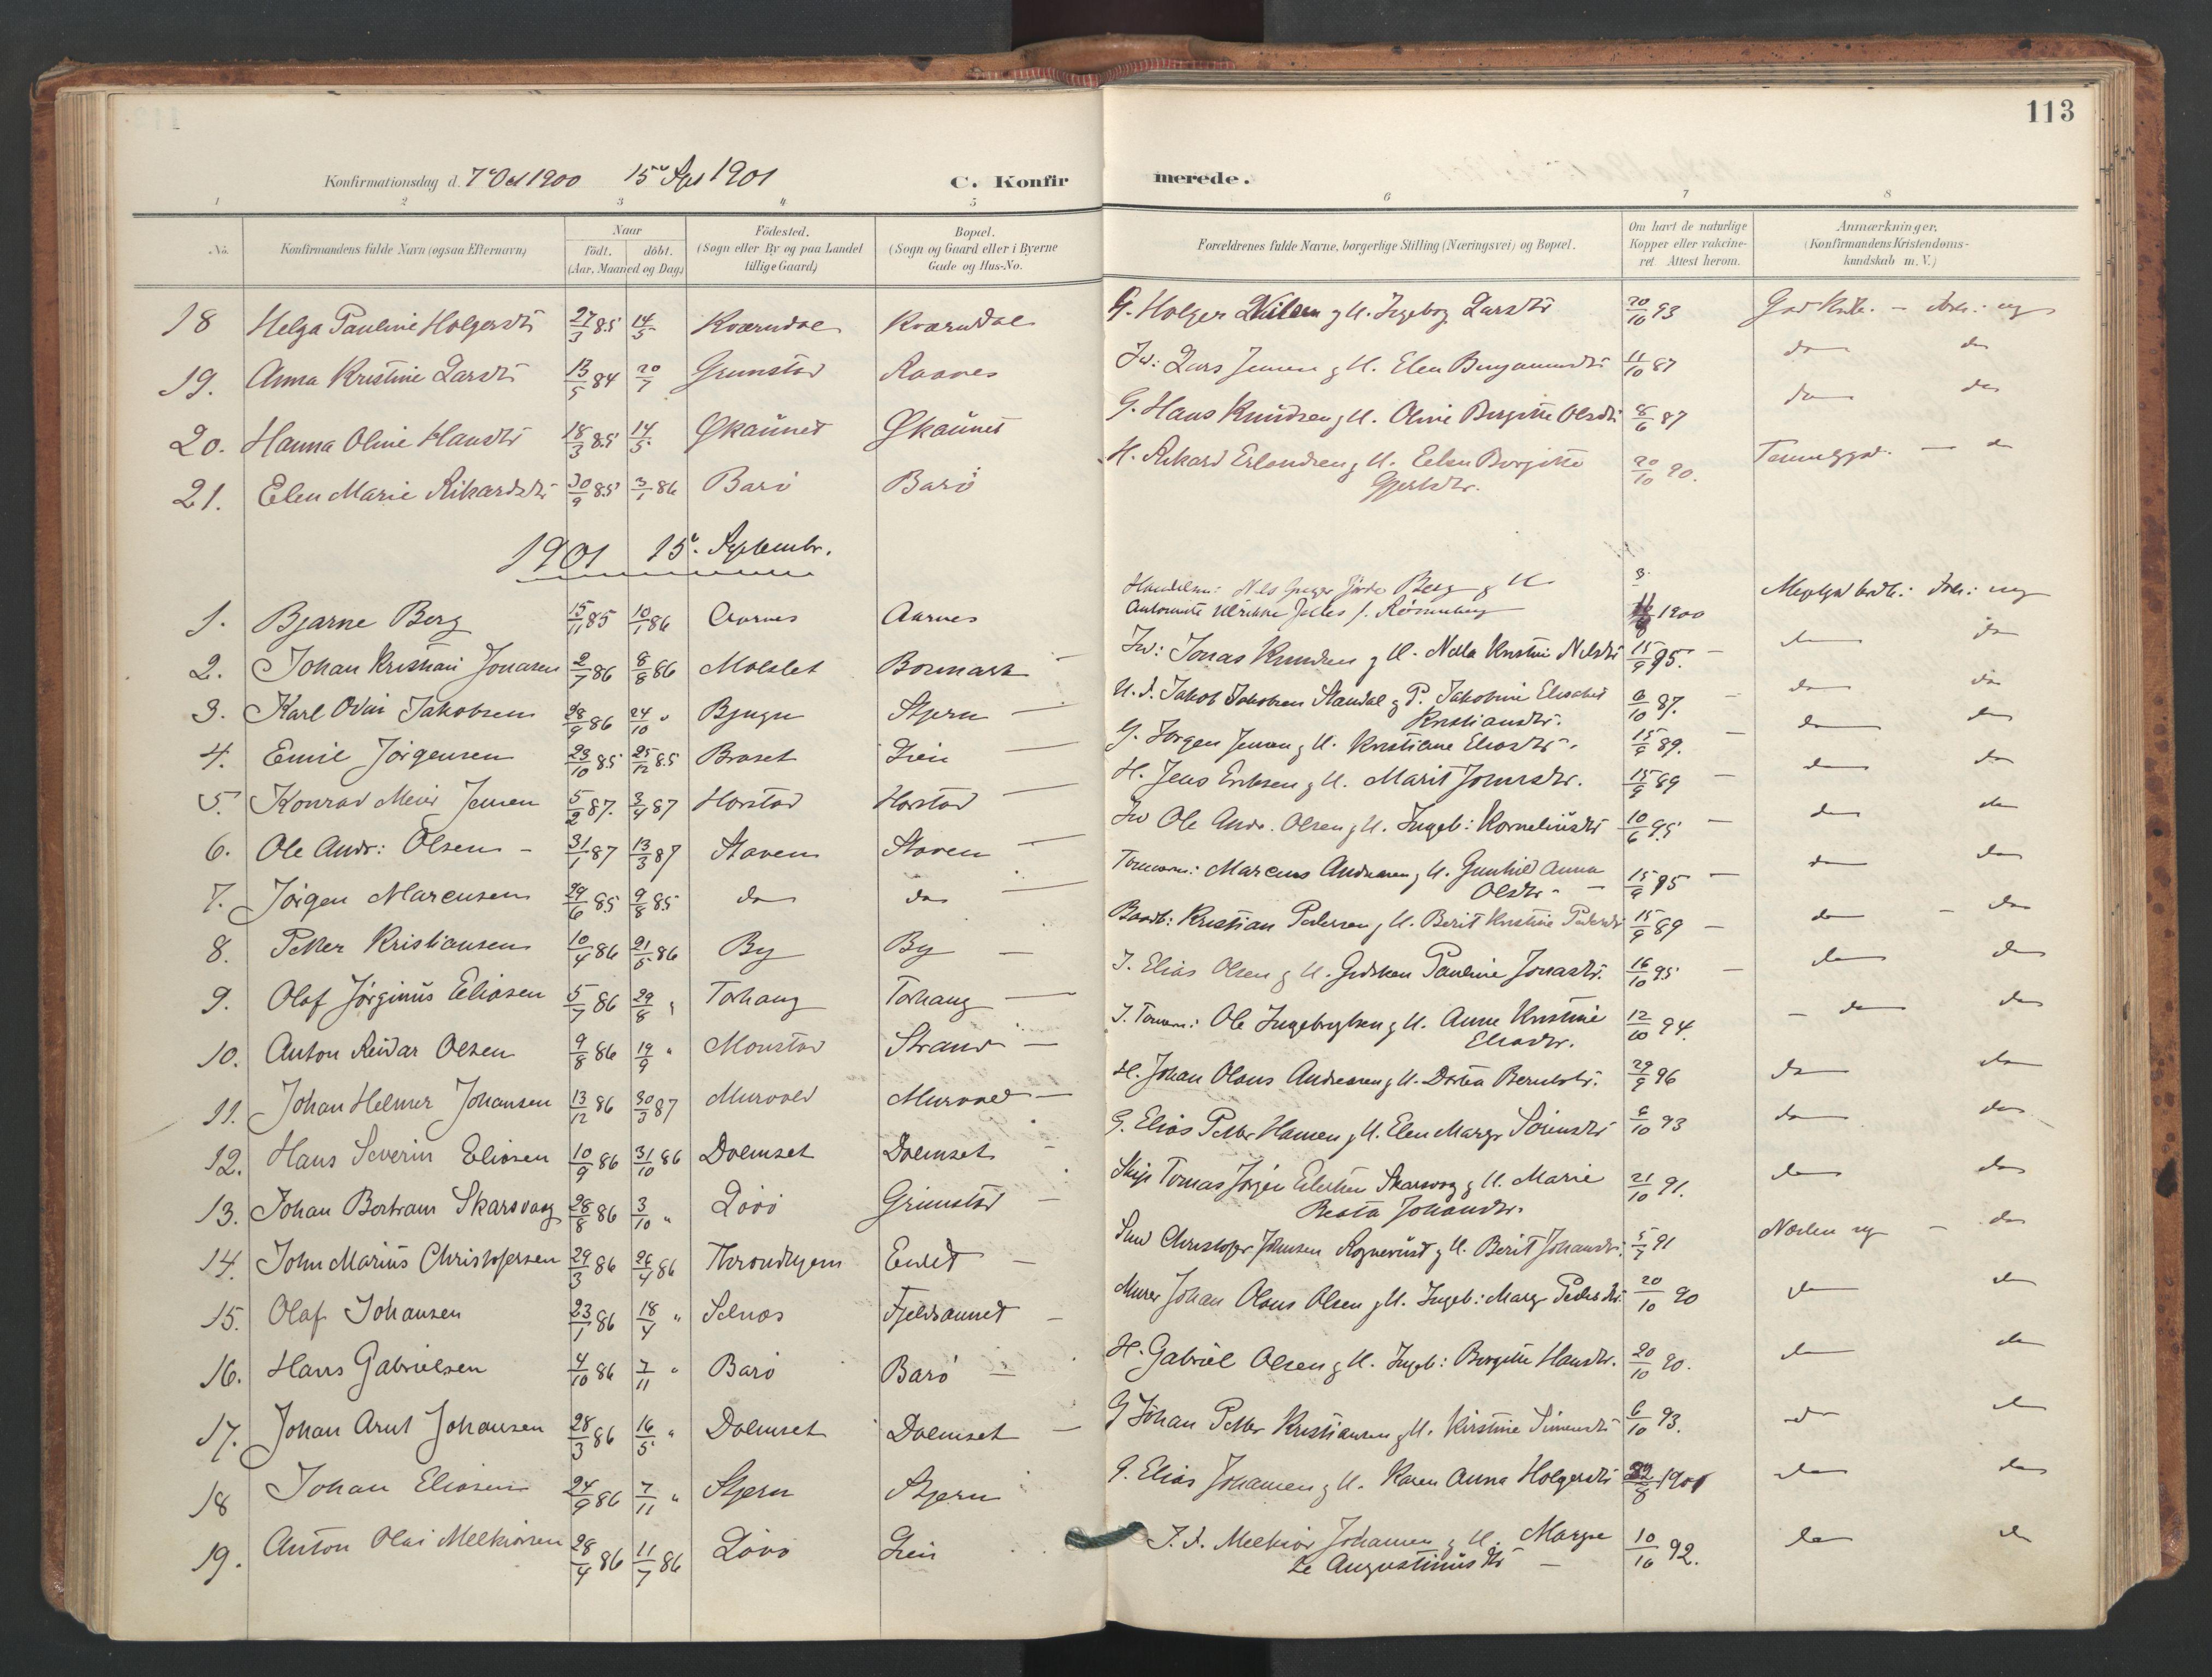 SAT, Ministerialprotokoller, klokkerbøker og fødselsregistre - Sør-Trøndelag, 655/L0681: Ministerialbok nr. 655A10, 1895-1907, s. 113